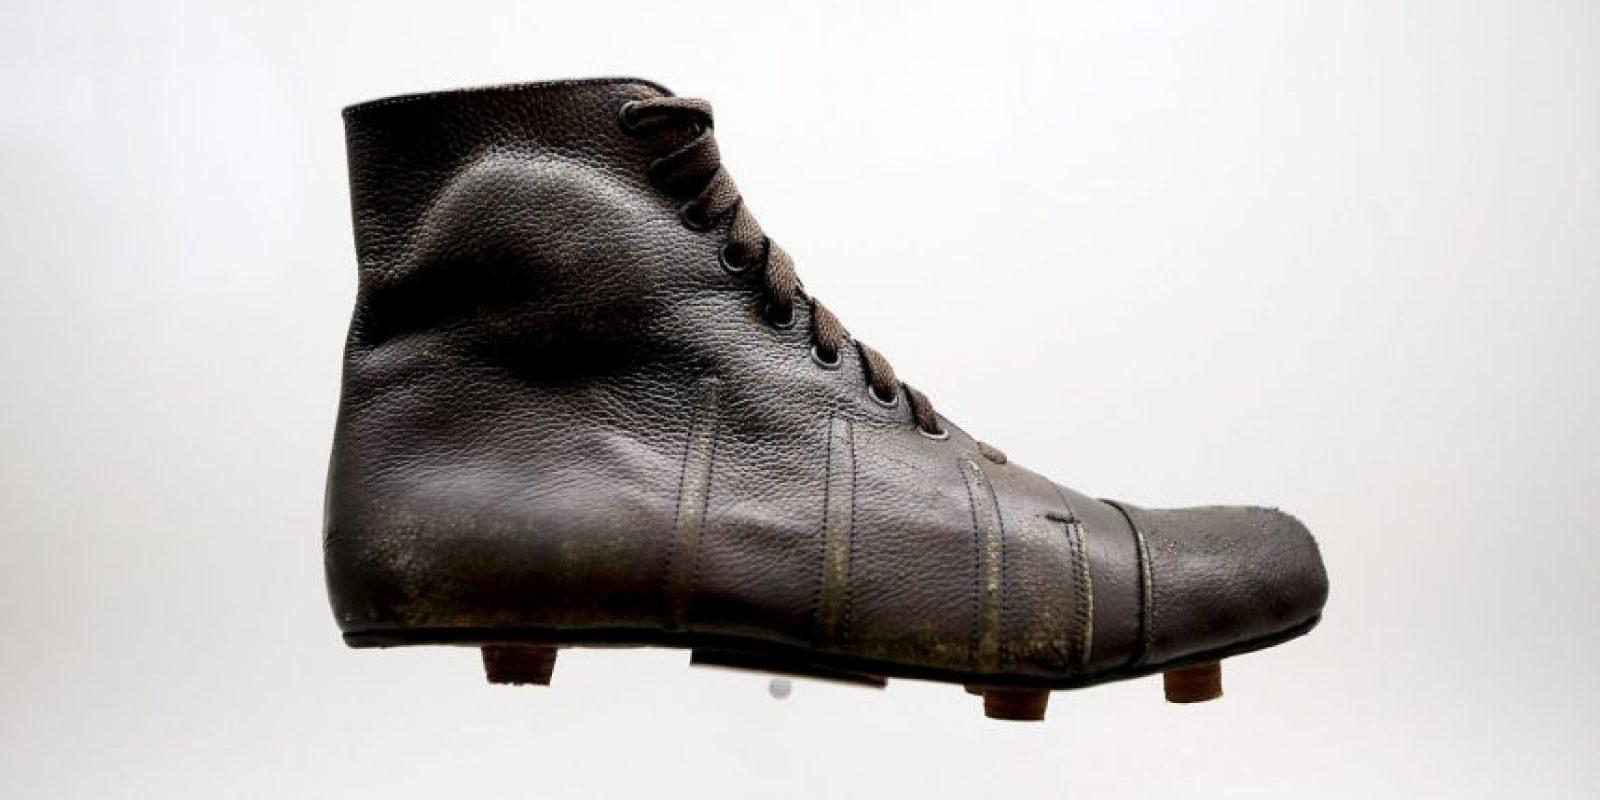 Así eran las botas para jugar fútbol en los años 30. Foto:Getty Images